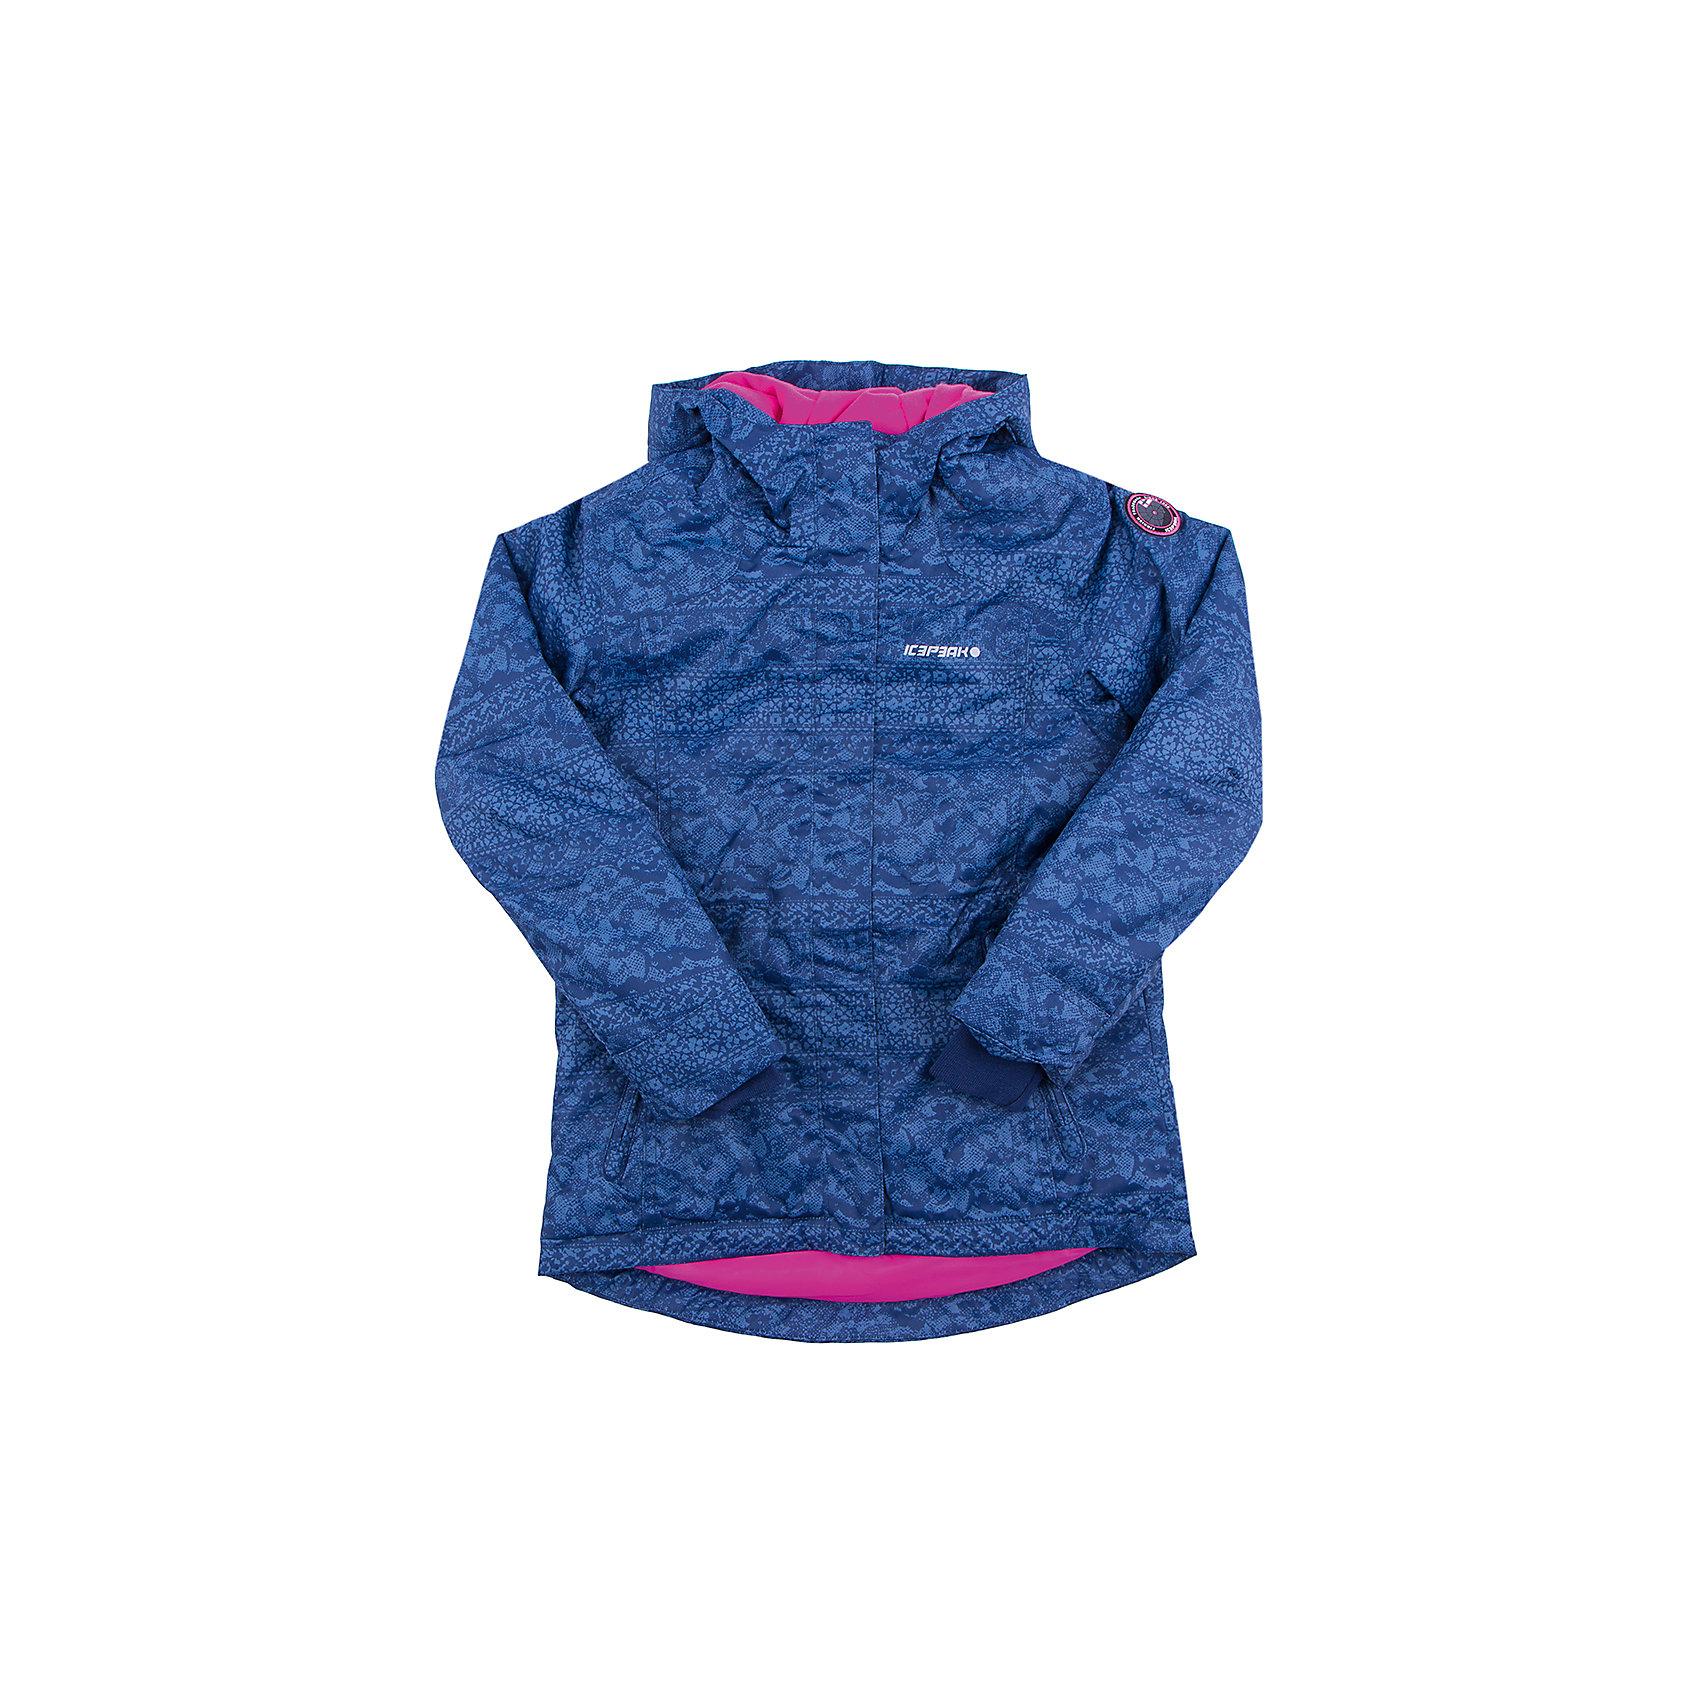 Куртка для девочки ICEPEAKКуртка для девочки ICEPEAK. <br><br>Состав: 100% полиэстер <br><br>Куртка с капюшоном<br>Принт<br>Молния закрыта планкой<br>Сформированный локоть<br>Утяжка в нижней части куртки<br>Утяжка по талии<br>Трикотажный  манжет в рукаве<br>Утепленные и мягкие карманы на молнии<br>Мягкий и теплый внутренний воротник<br>Светоотражающие элементы<br>Швы прошиты<br>Искусственный утеплитель Finnwad, утепление 180/140 гр.<br>Рекомендуемый температурный режим до -20 °.<br><br>Технологии: Icemax, 2000<br>Технология Icemax надёжно защищает от ветра и дождя.<br>Children's safety<br>Изделия бренда произведены в полном соответствии с требованиями безопасности для детей: отстегивающийся капюшон, безопасная утягивающаяся тесьма в кармашках, светоотражатели.<br>Reflectors<br>Эффективные светоотражатели позволят чувствовать себя в безопасности в любых погодных условиях, особенно в темное время суток.<br><br>Ширина мм: 356<br>Глубина мм: 10<br>Высота мм: 245<br>Вес г: 519<br>Цвет: синий<br>Возраст от месяцев: 60<br>Возраст до месяцев: 72<br>Пол: Женский<br>Возраст: Детский<br>Размер: 116,164,176,128,140,152<br>SKU: 4220555